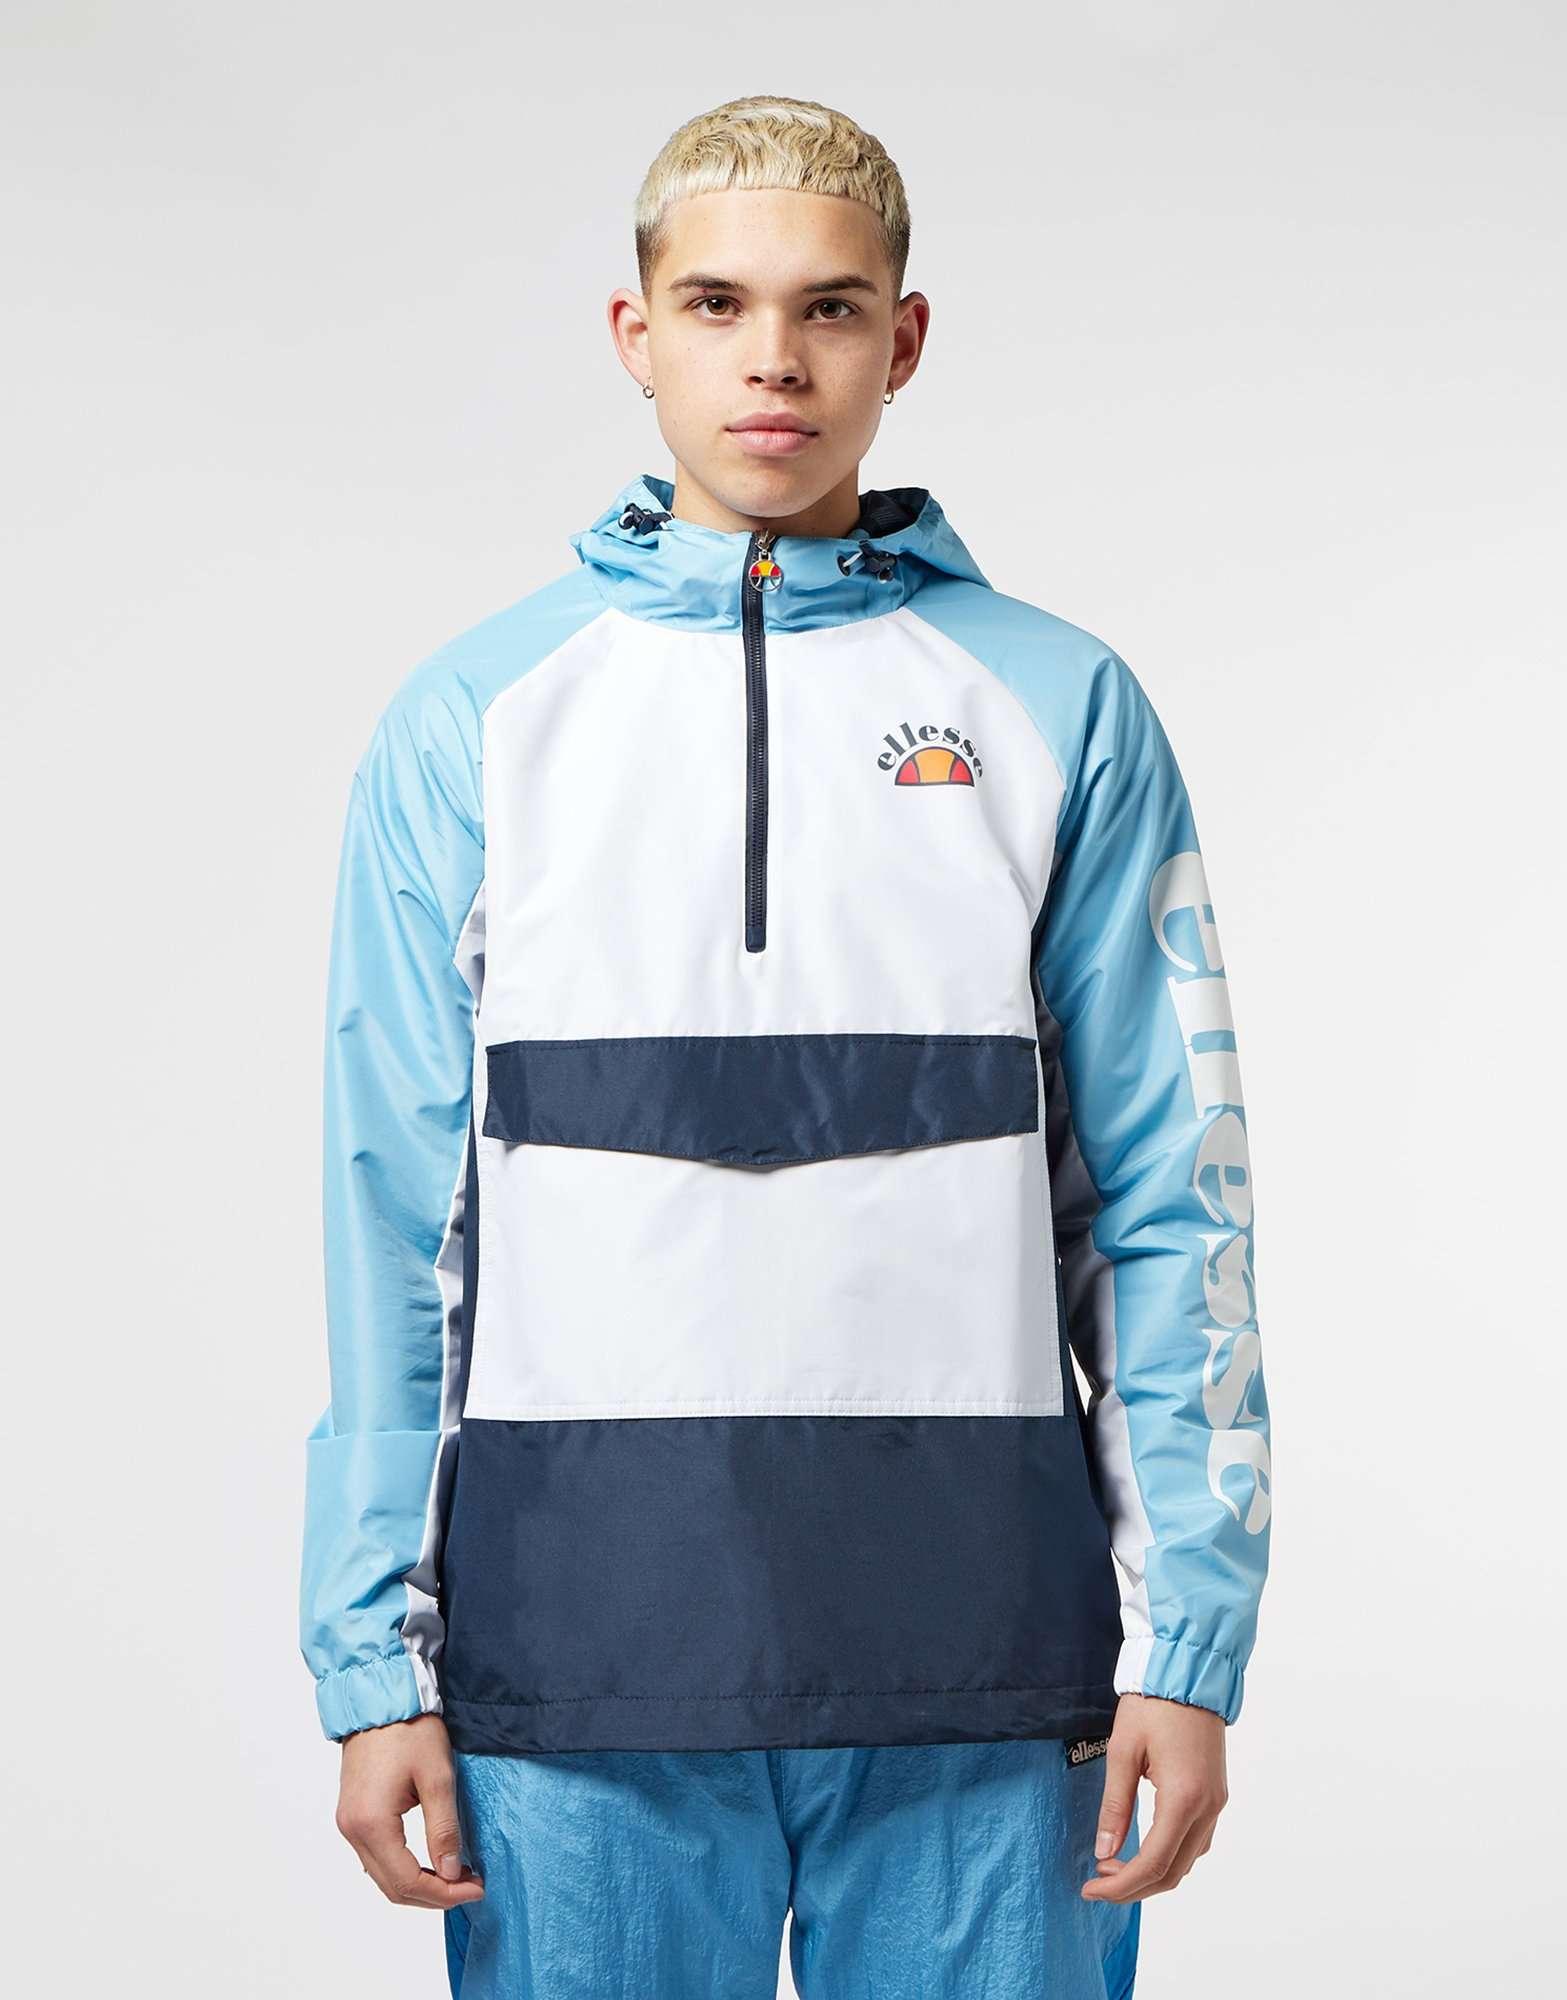 Ellesse Mercuro Half Zip Jacket - Online Exclusive